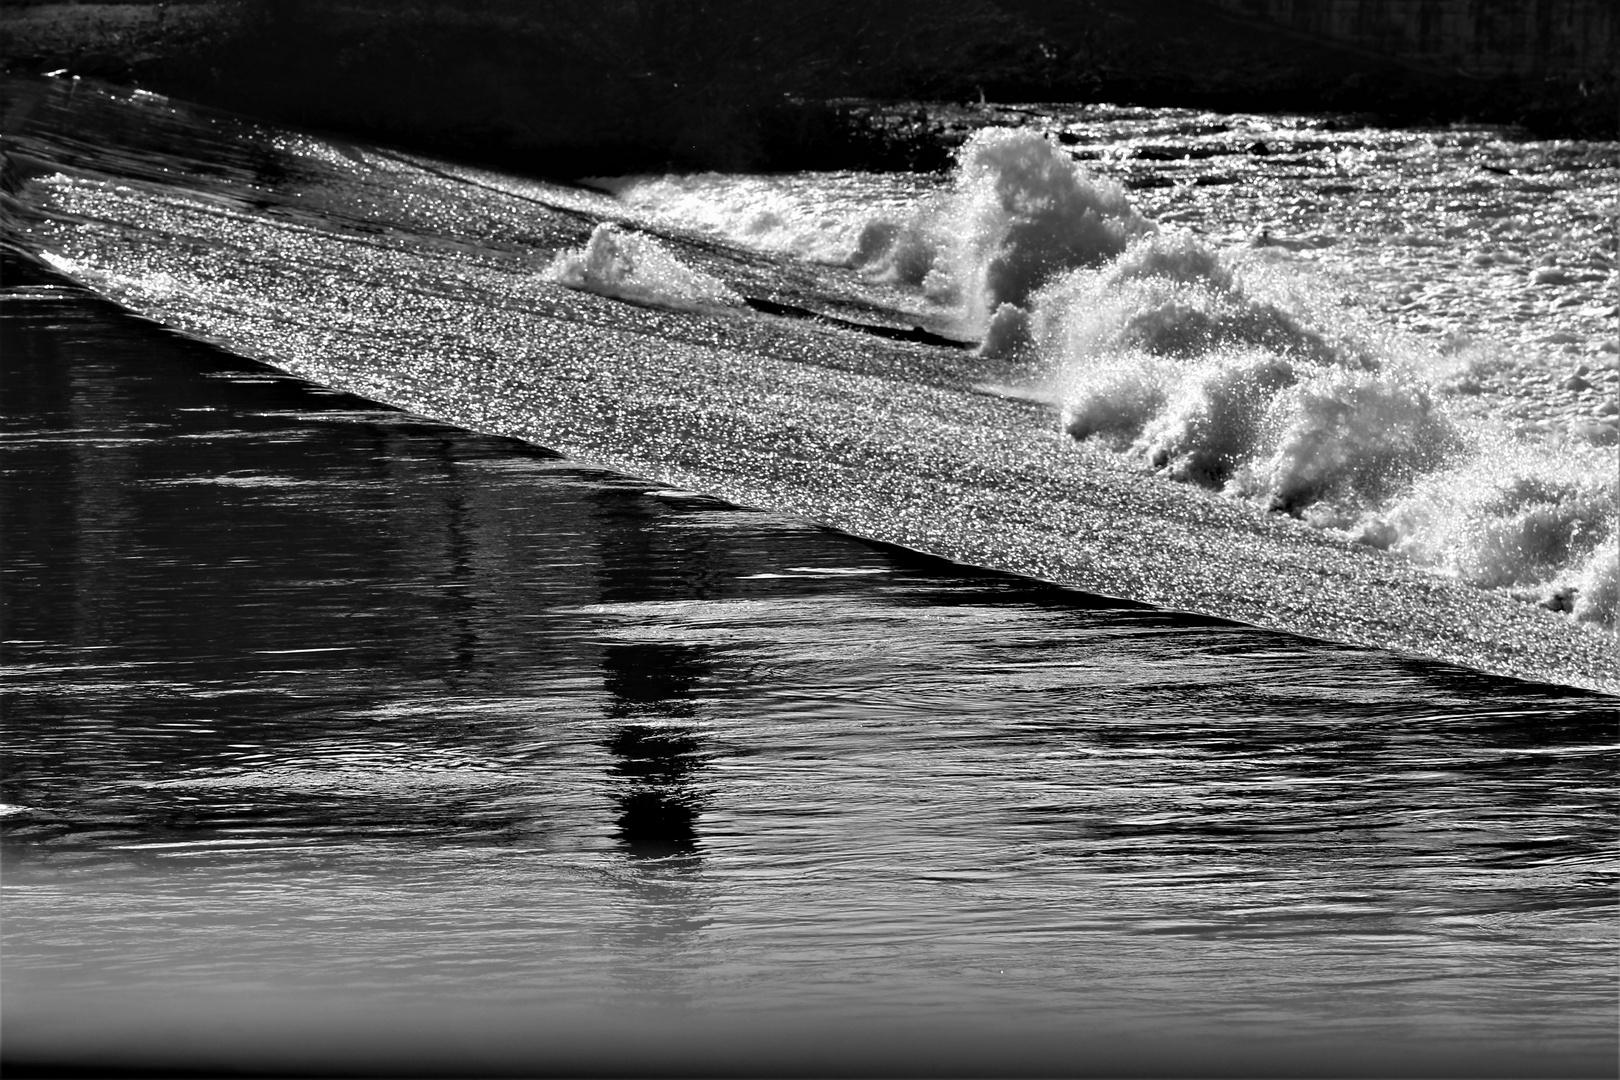 Die Wellen kommen und ziehen sich wieder zurück